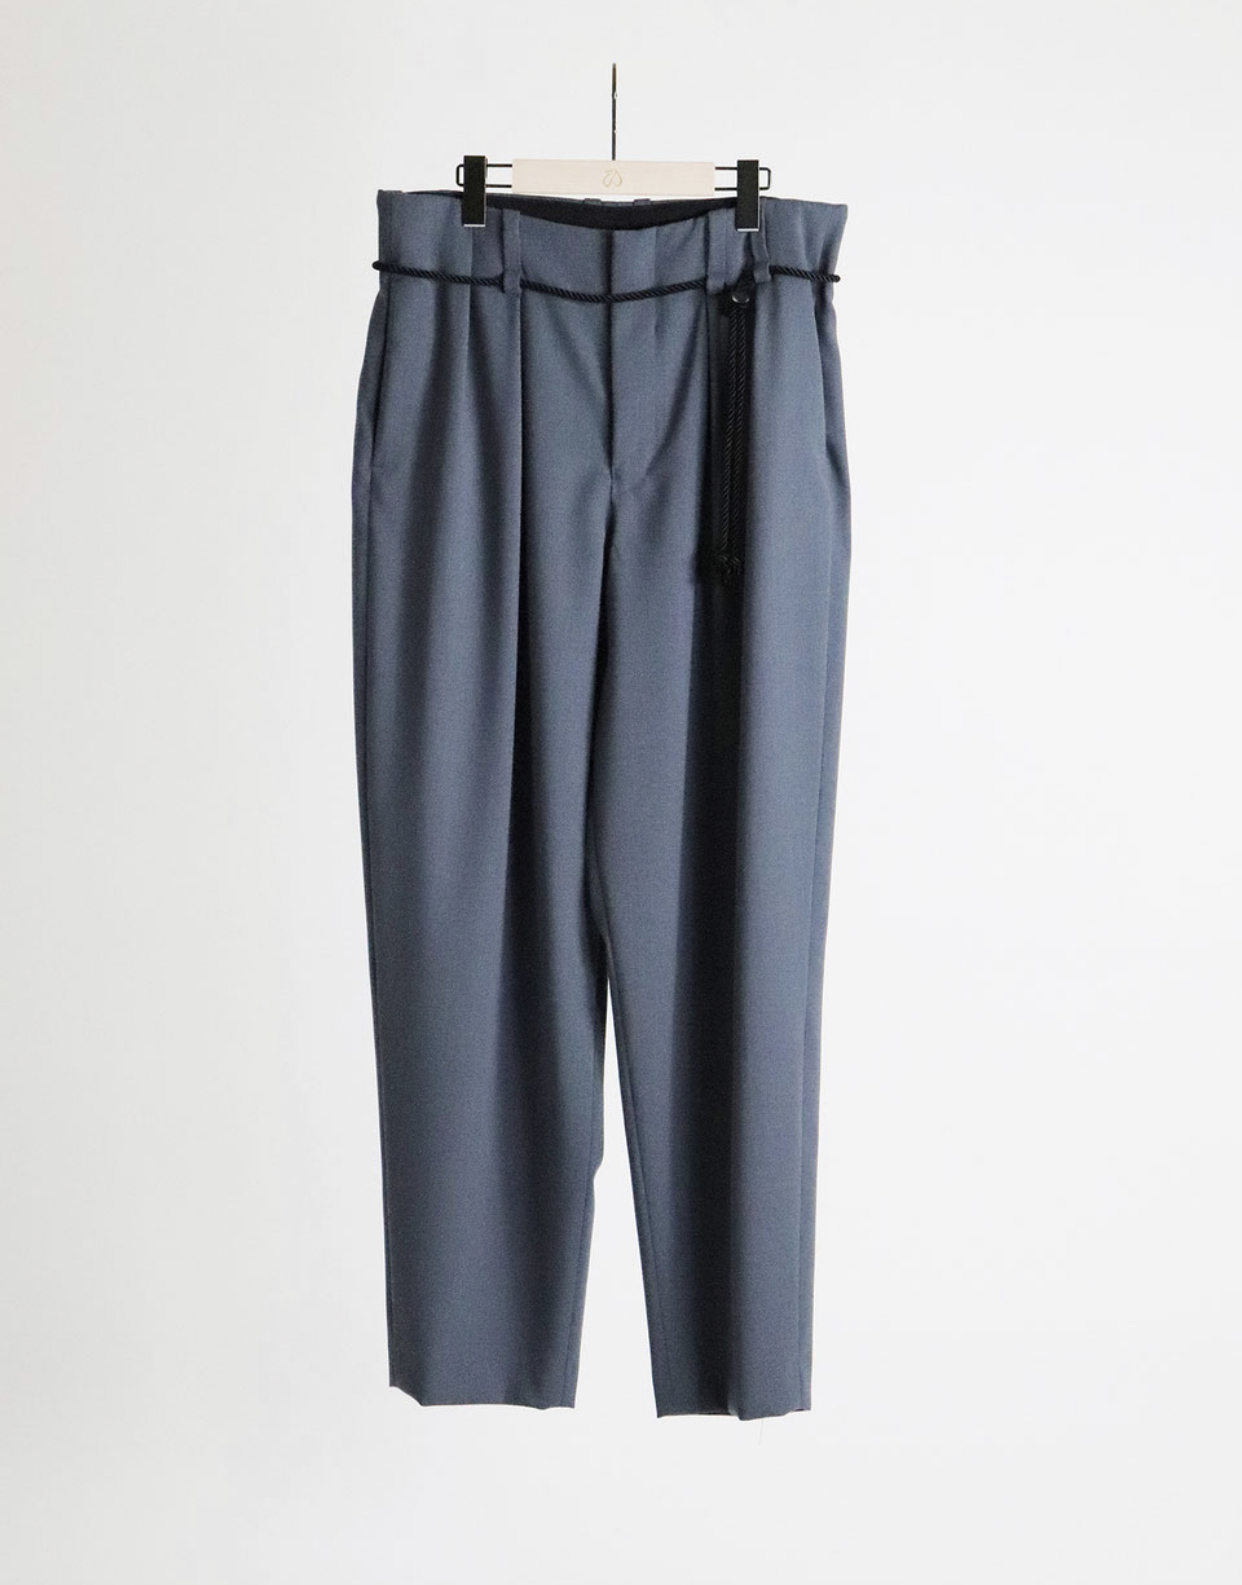 【ETHOSENS】Tucked slacks